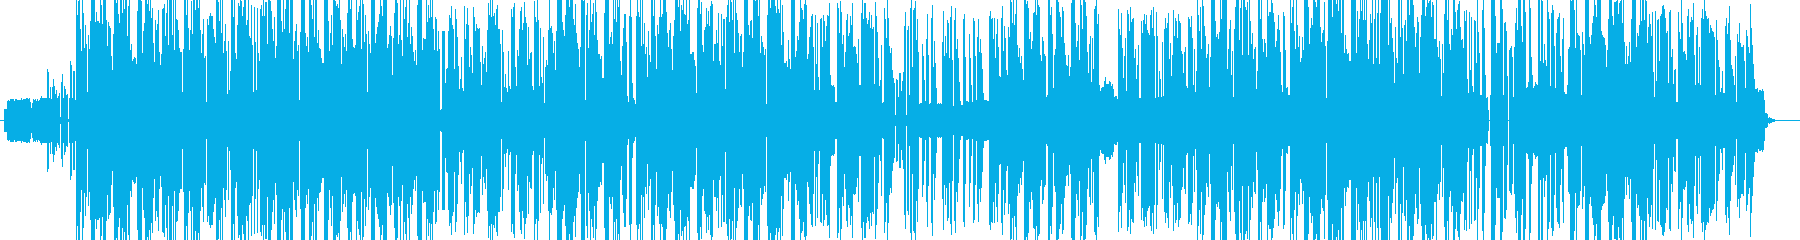 レトロゲームのレクイエム風HIPHOPの再生済みの波形